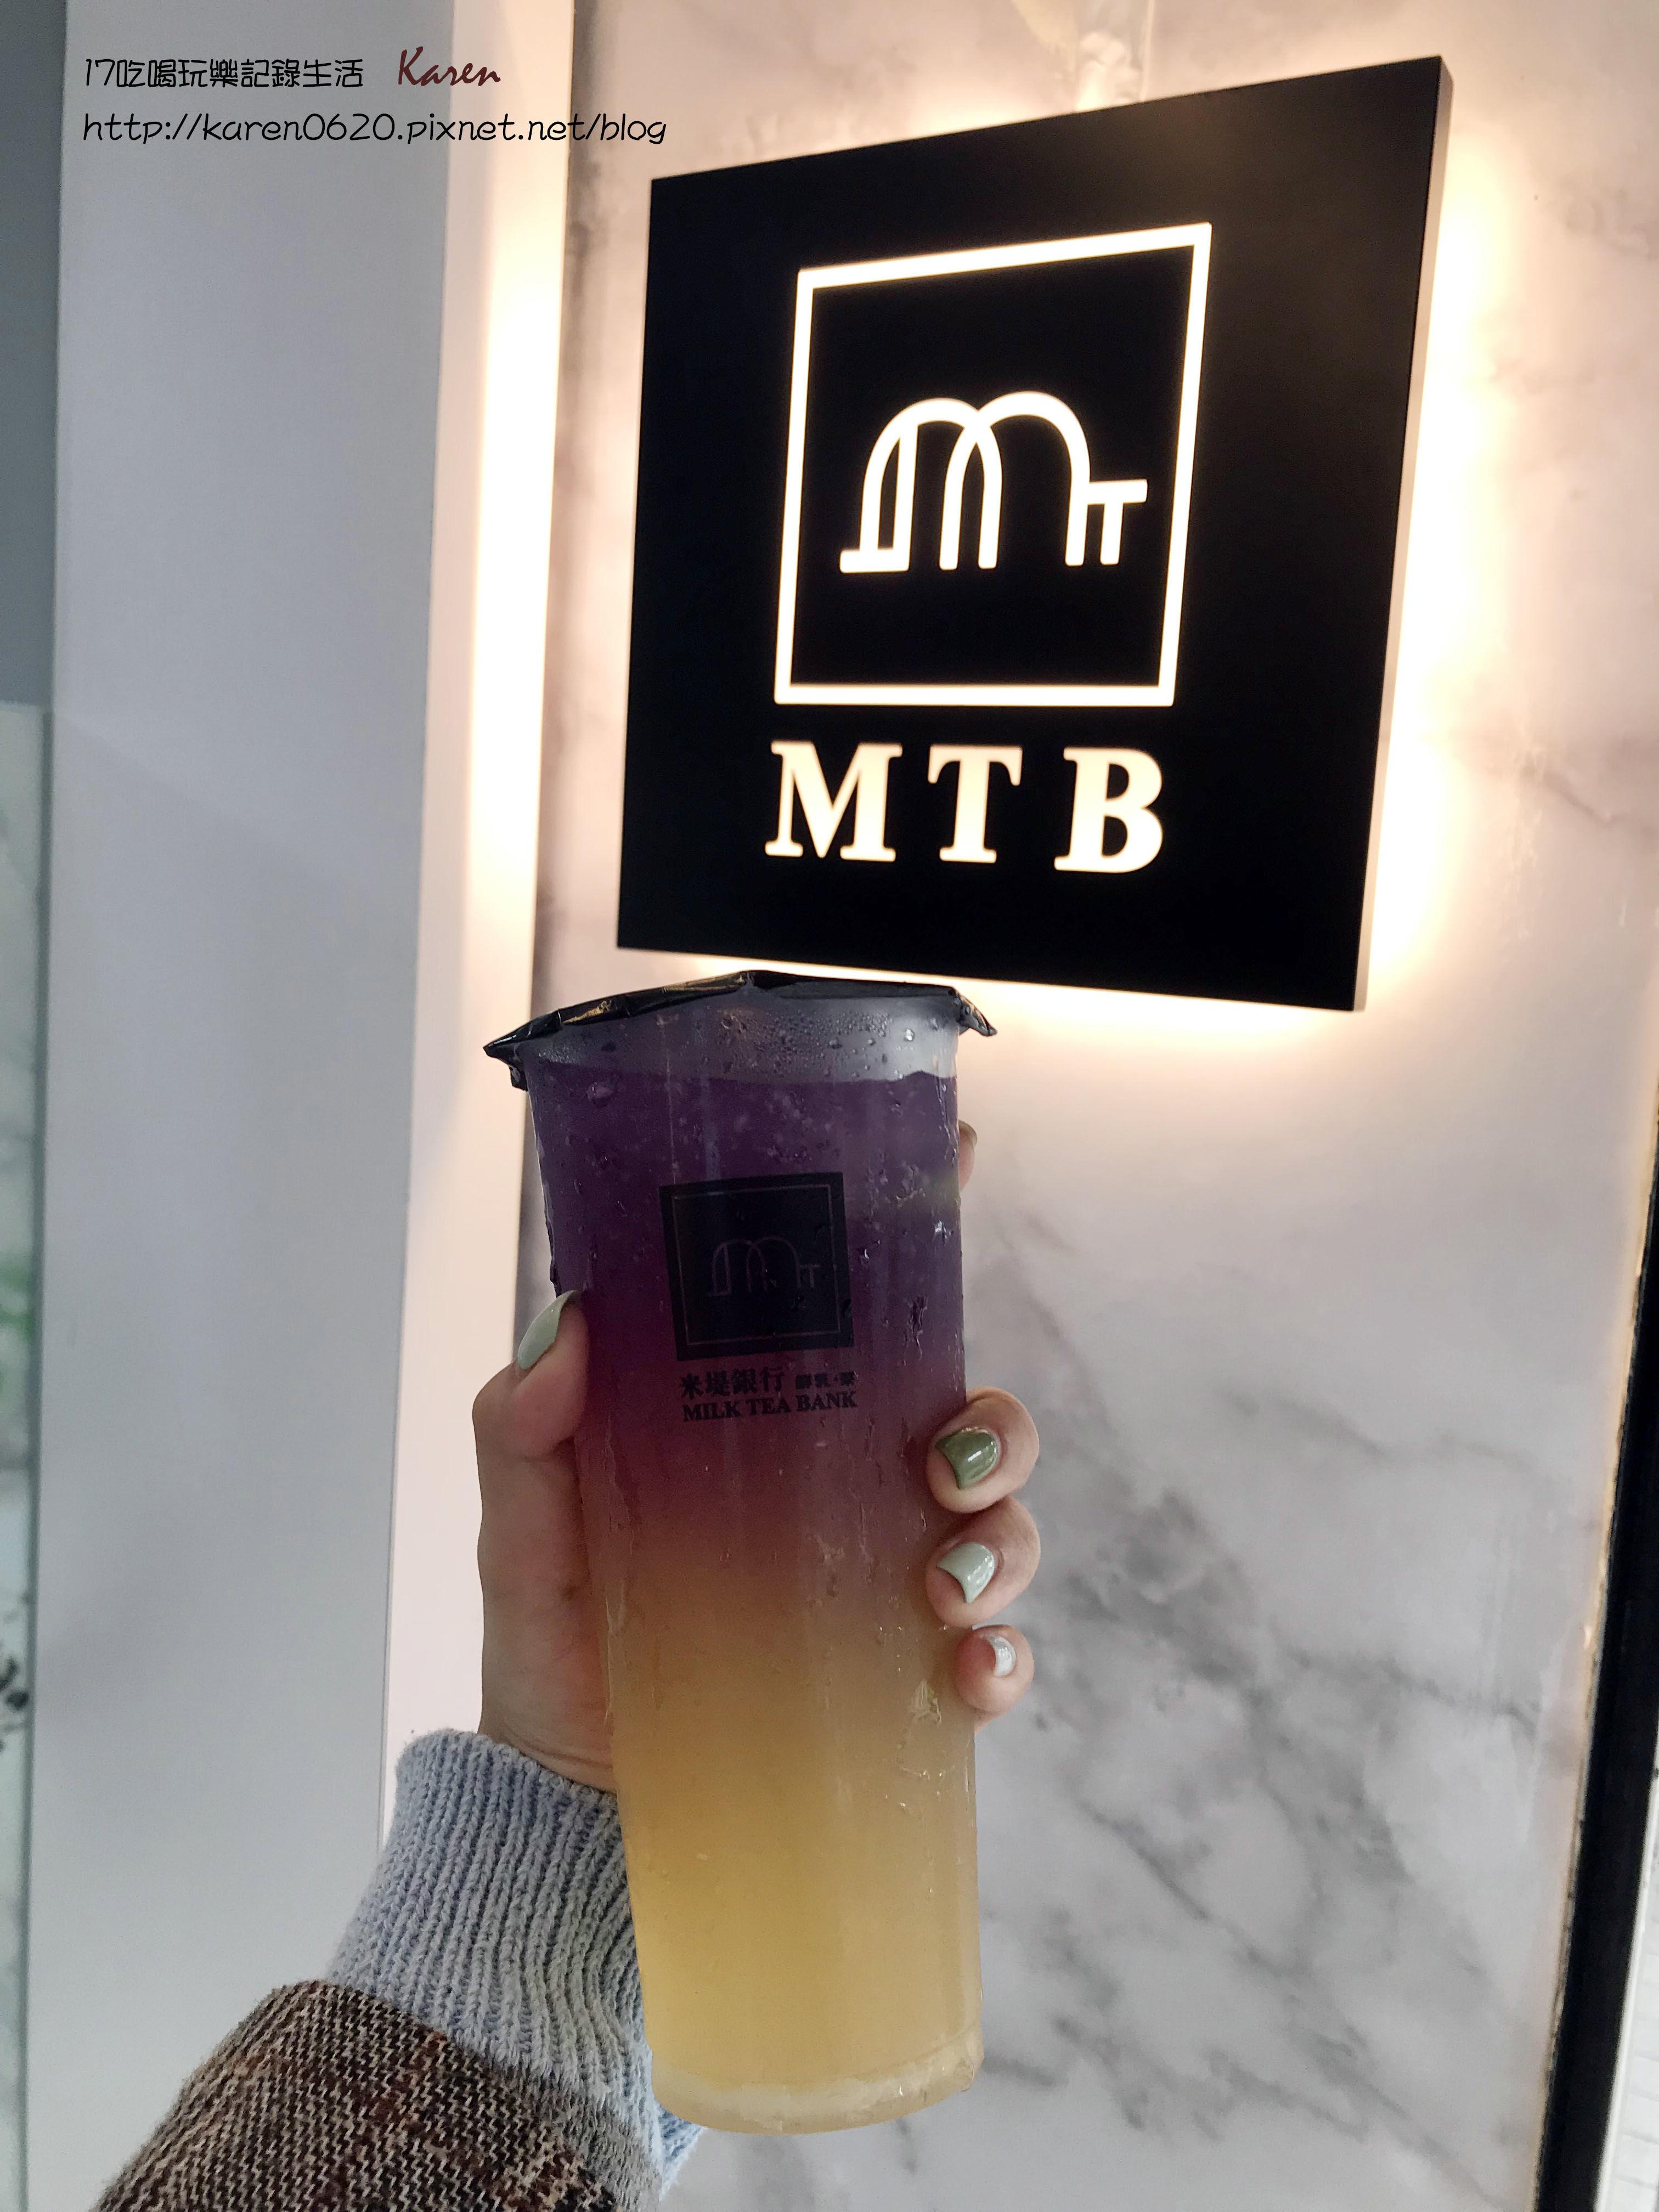 米堤銀行MTB 9.jpg